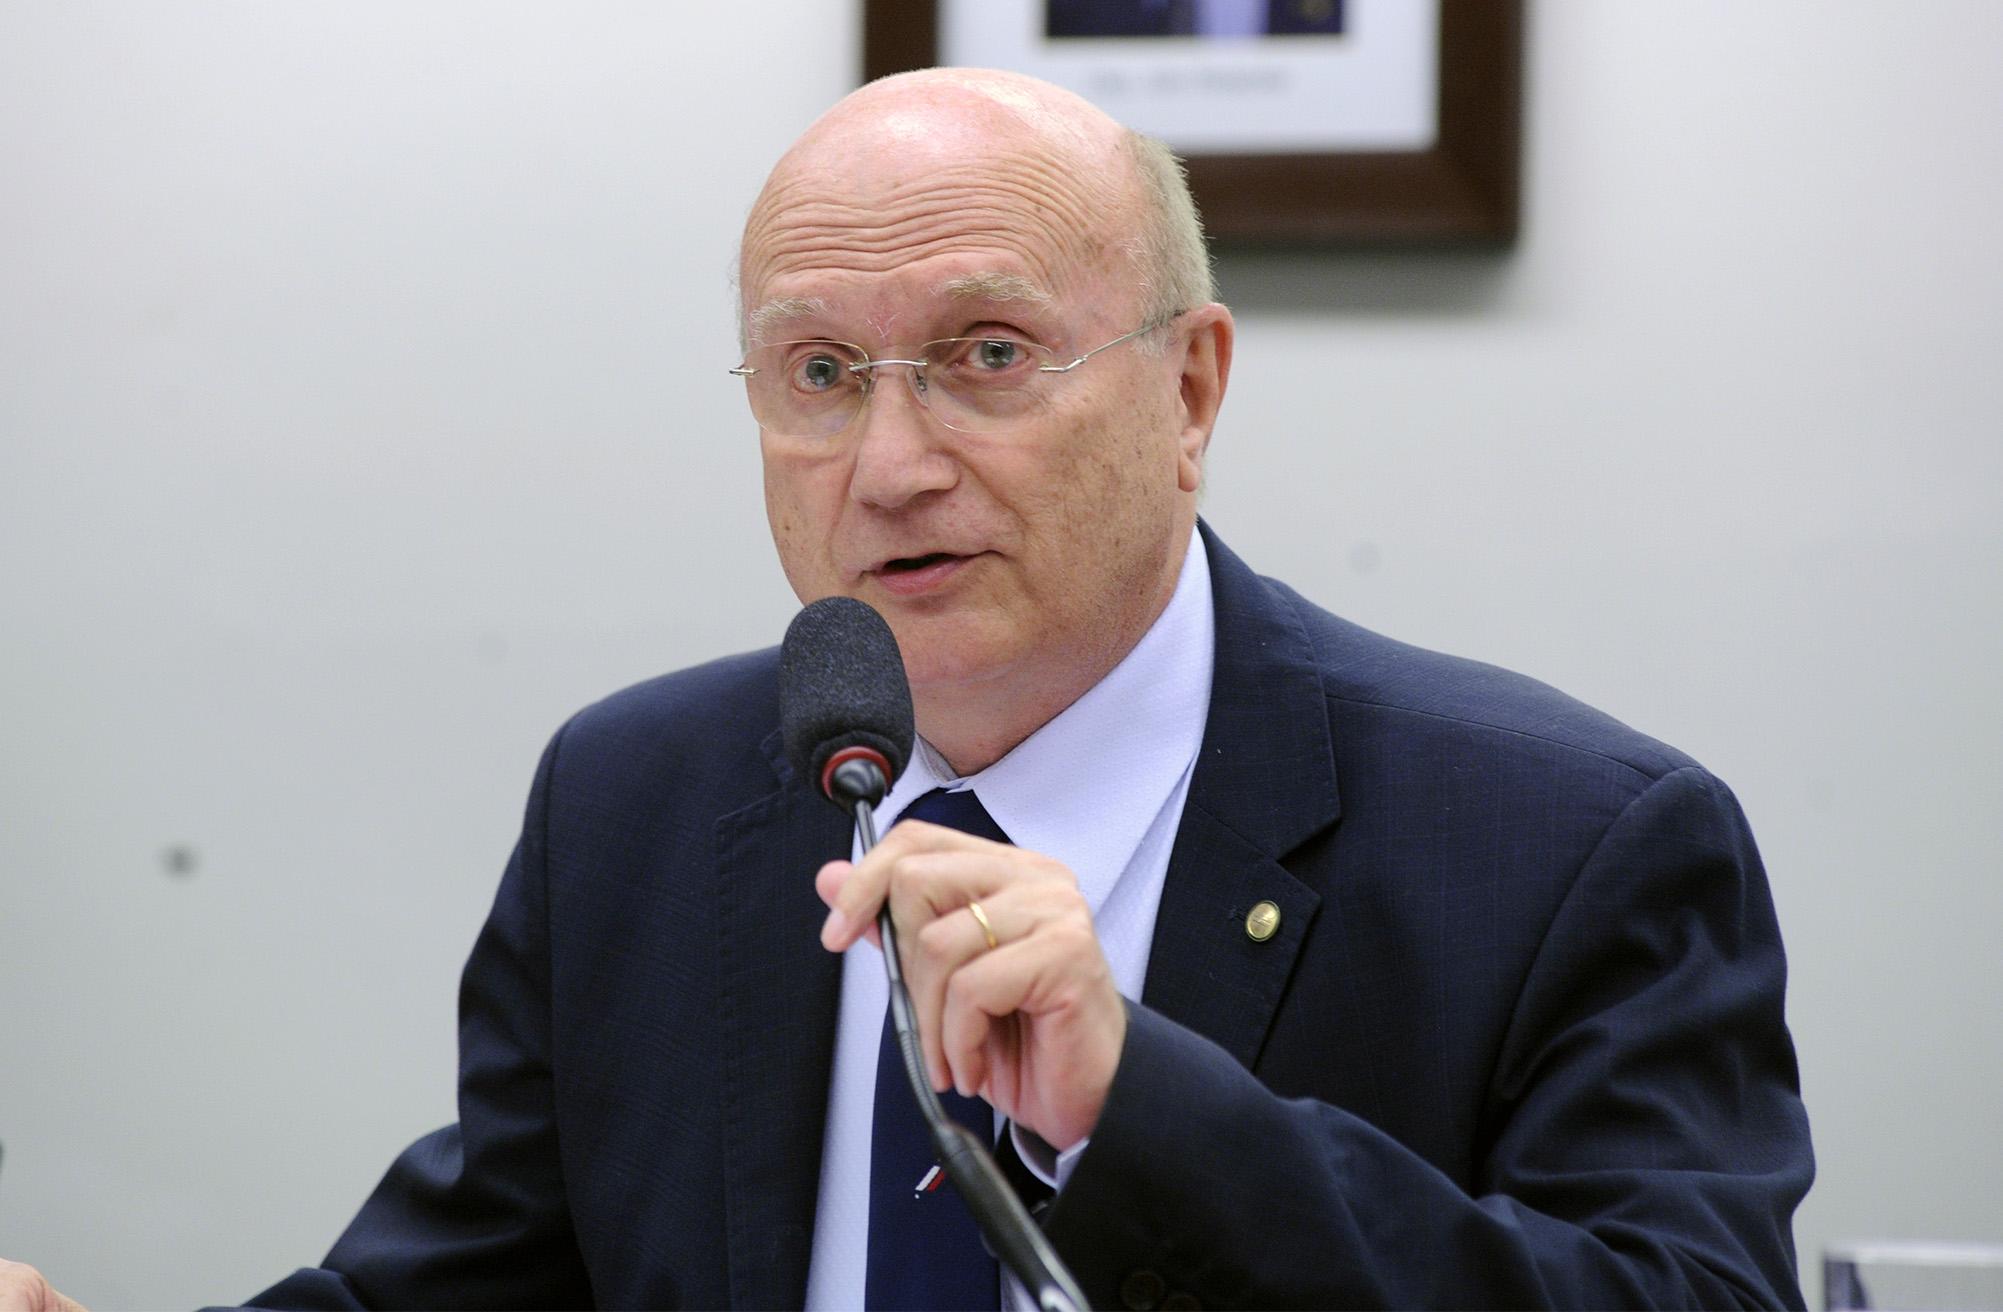 Audiência pública sobre o conflito Fundiário em Formosa do Rio Preto – BA. Dep. Osmar Serraglio (PP - PR)